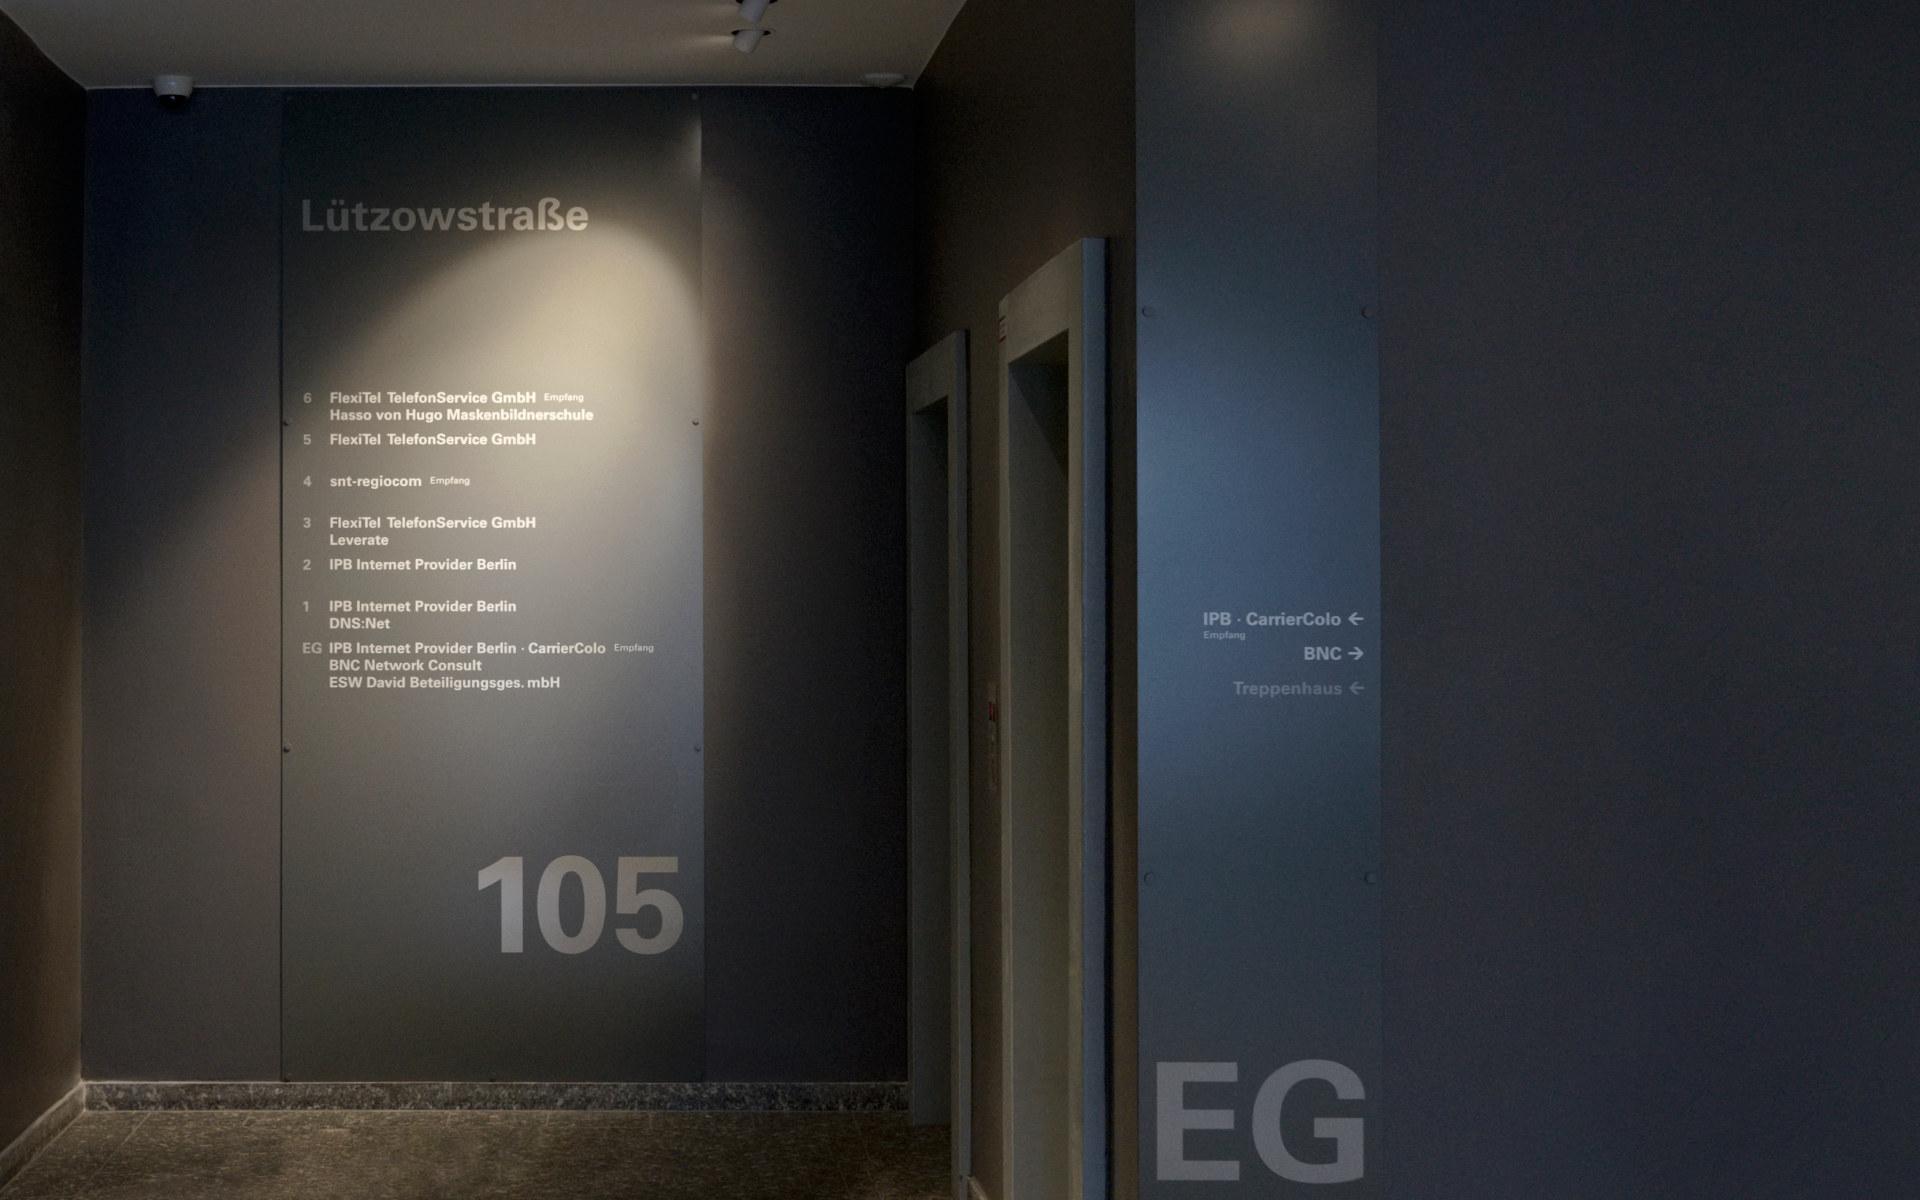 Mieteruebersichten Buerohausbeschilderung Schilder Leitsystem Design Berlin I